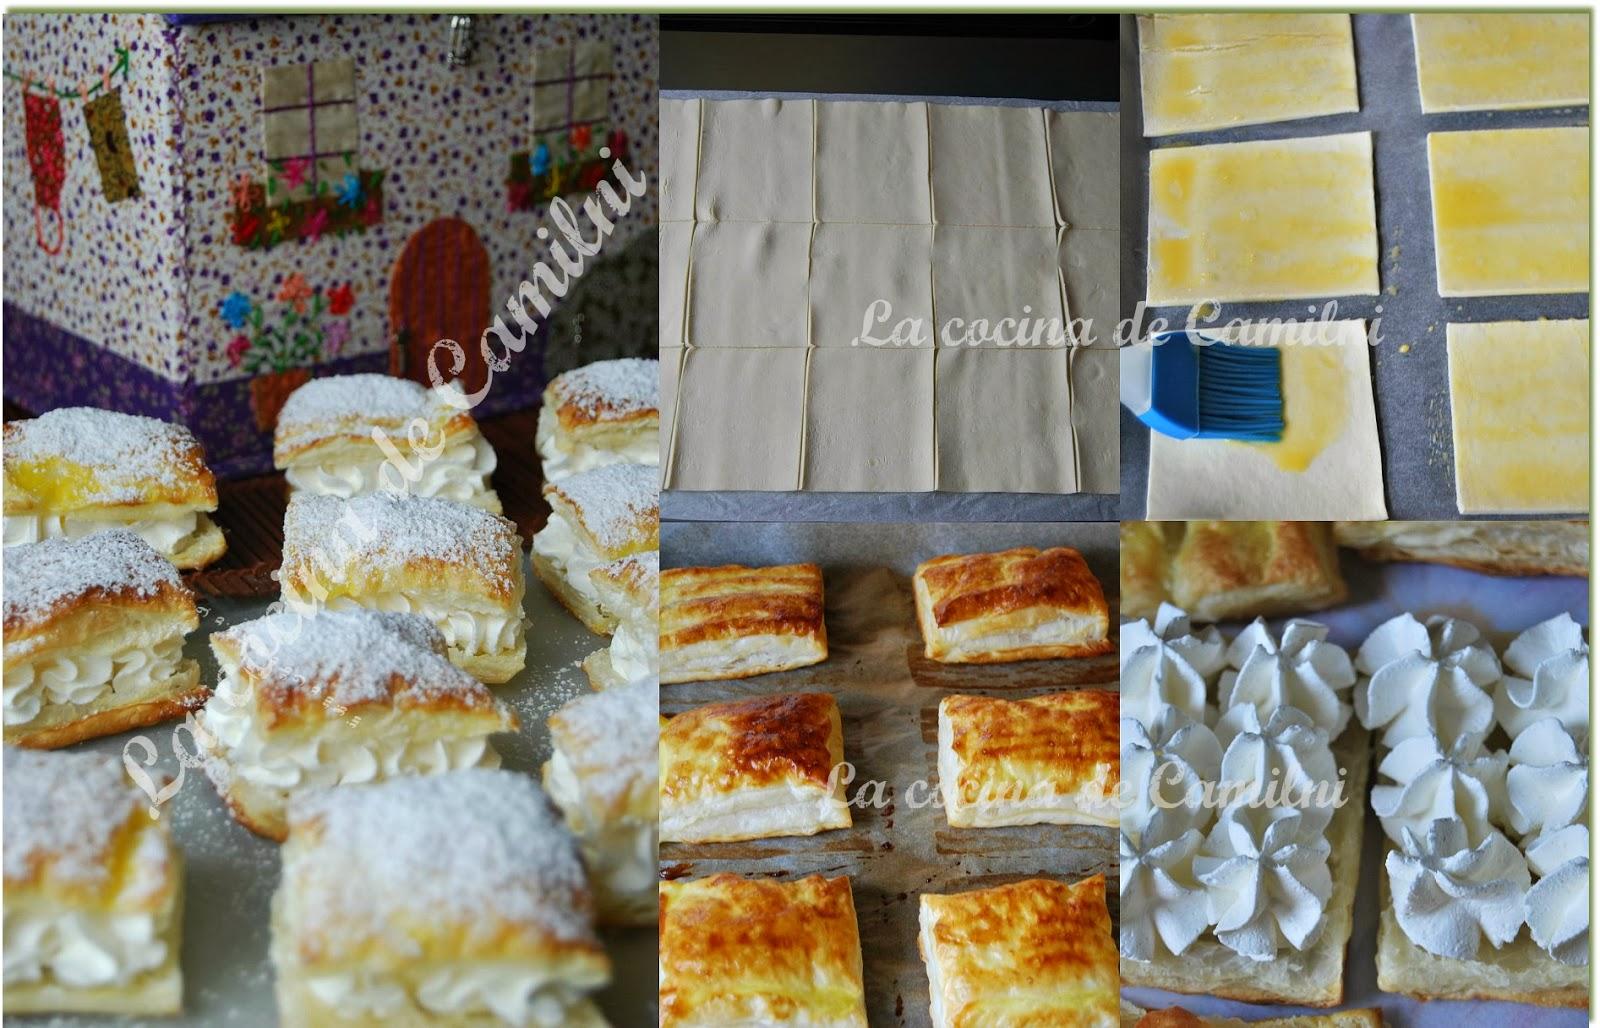 Miguelitos express de nata (La cocina de Camilni)